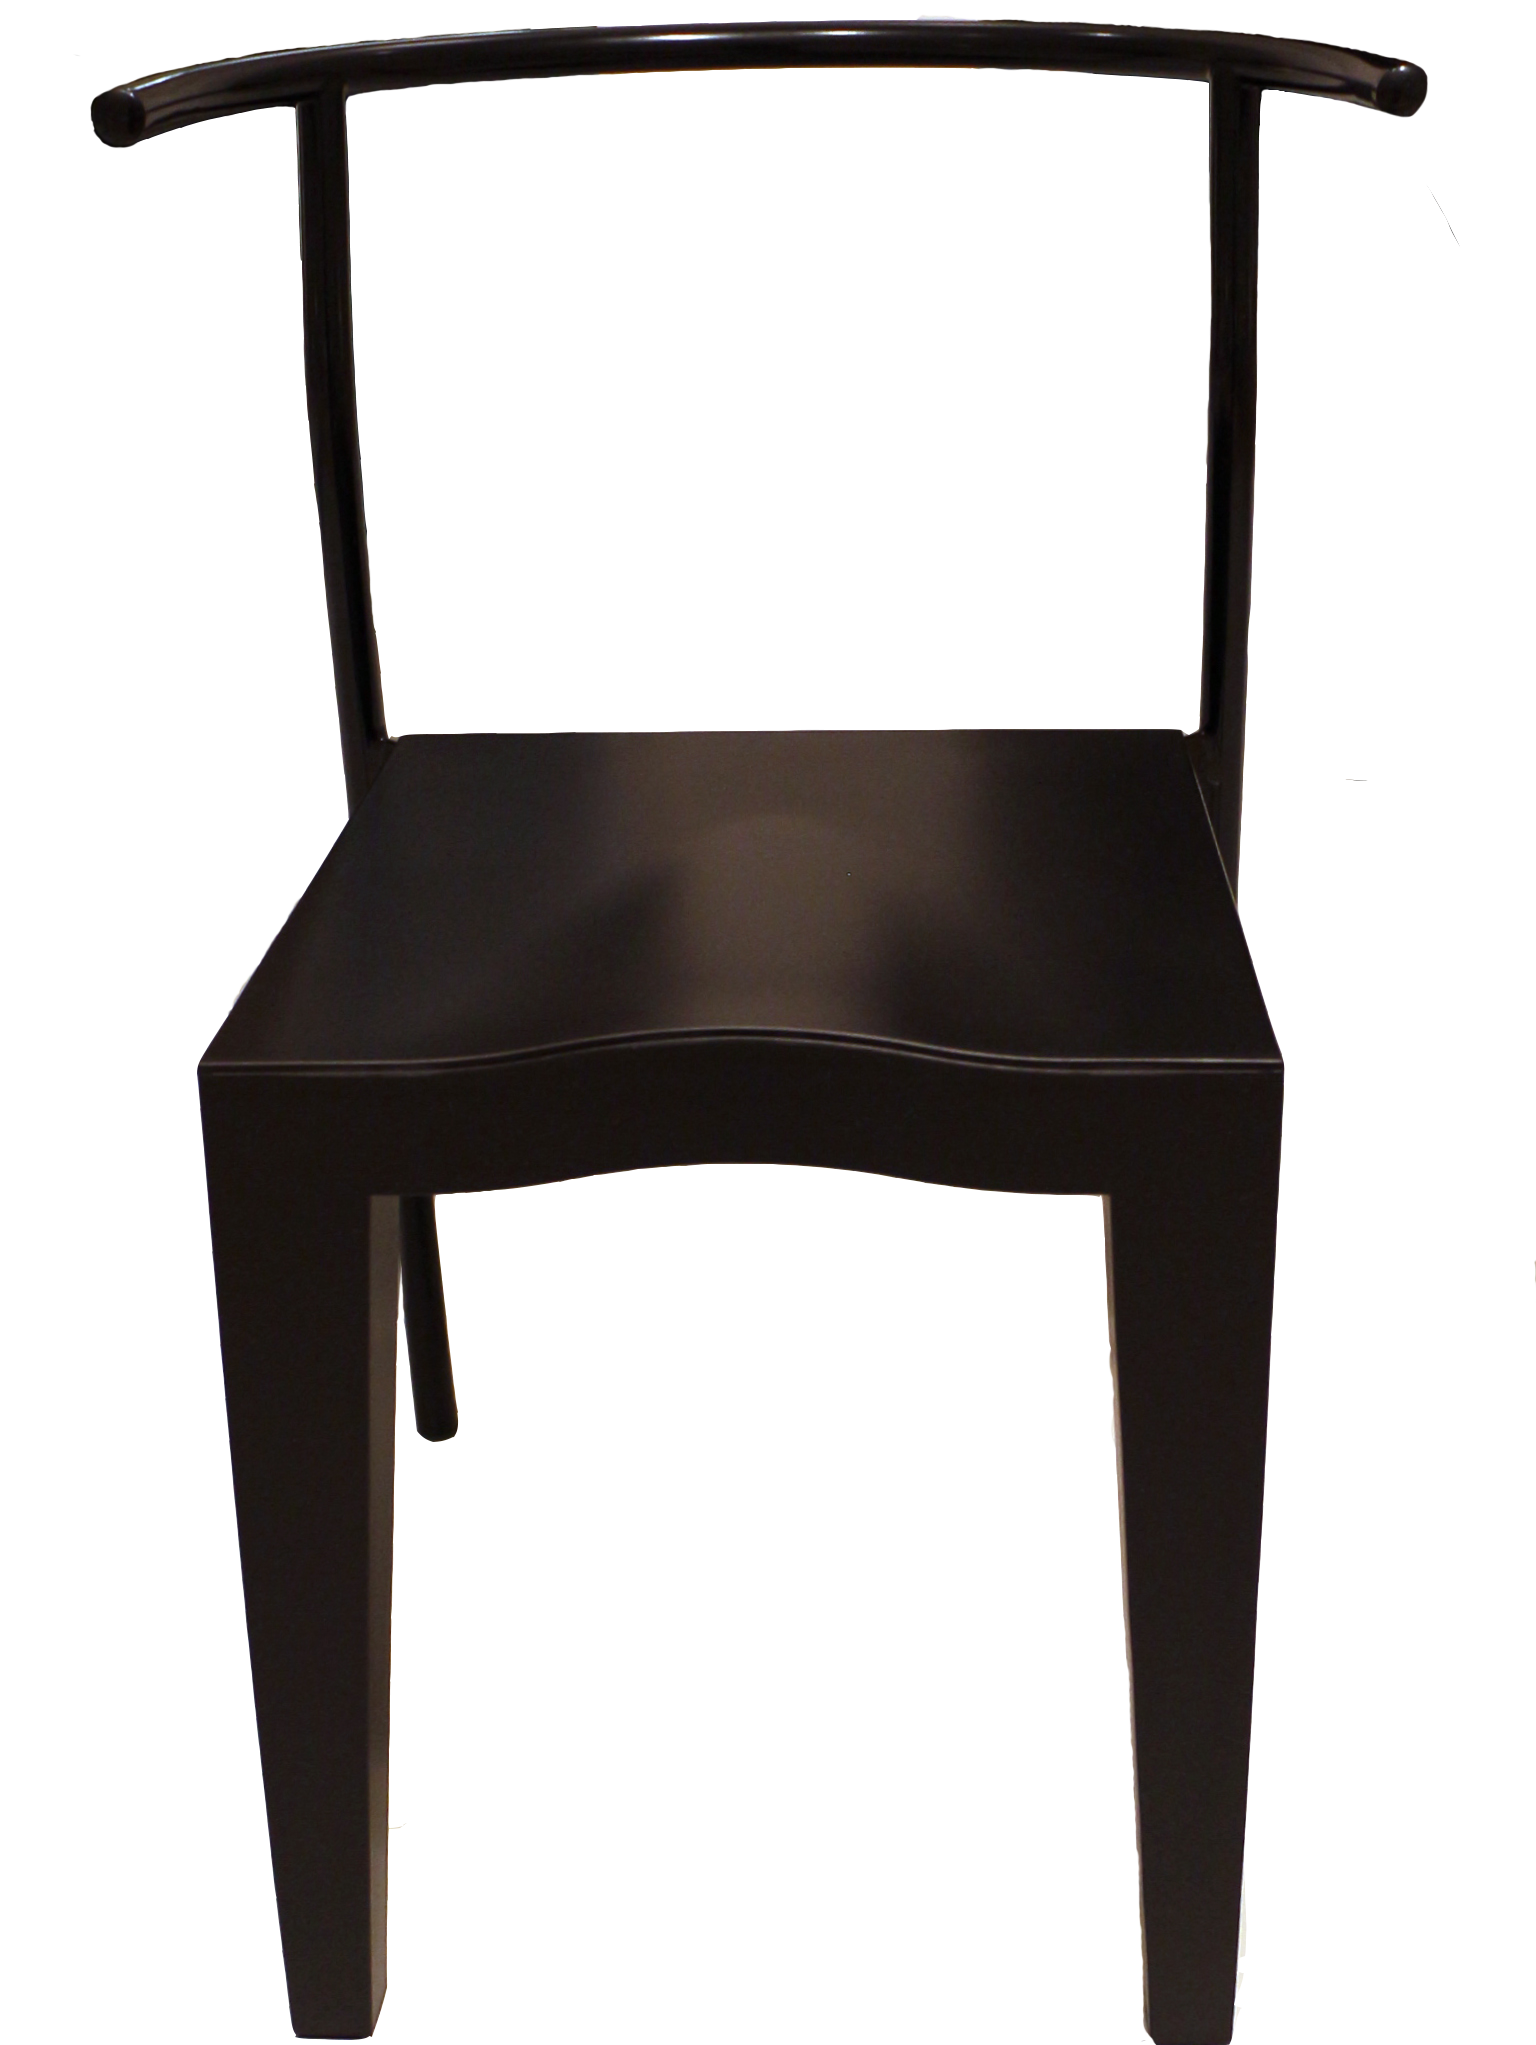 Chaise Dr. Glob, aluminium et polypropylène, Philippe Starck, présenté pour la première fois en 1989.